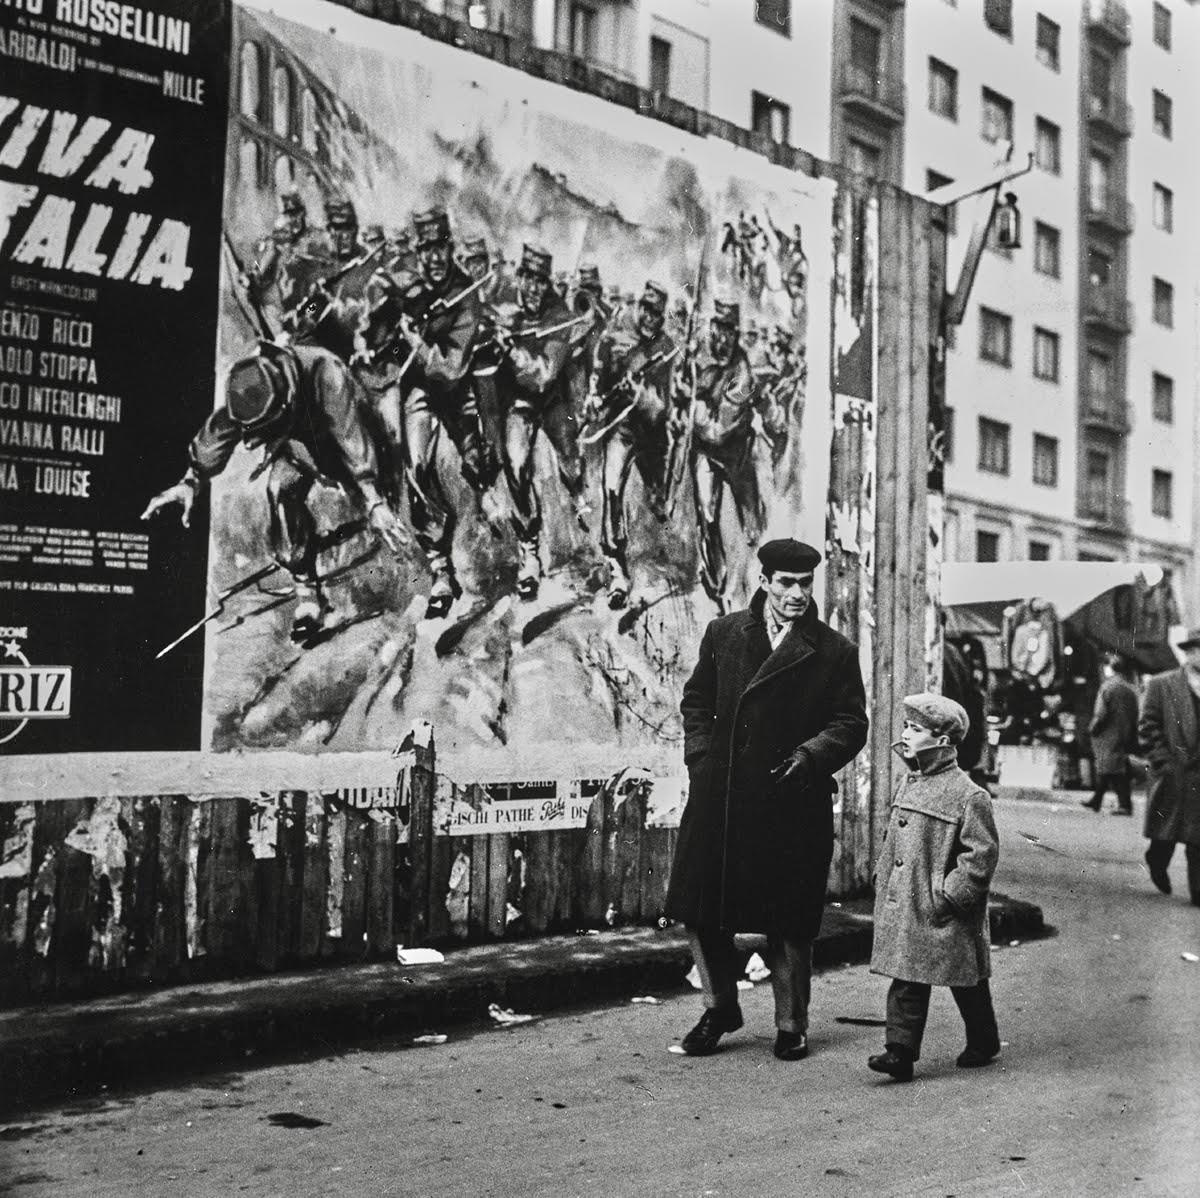 Fotografia in bianco e nero di Nino de Pietro rappresentante un papà con un bambino che passeggia a Milano